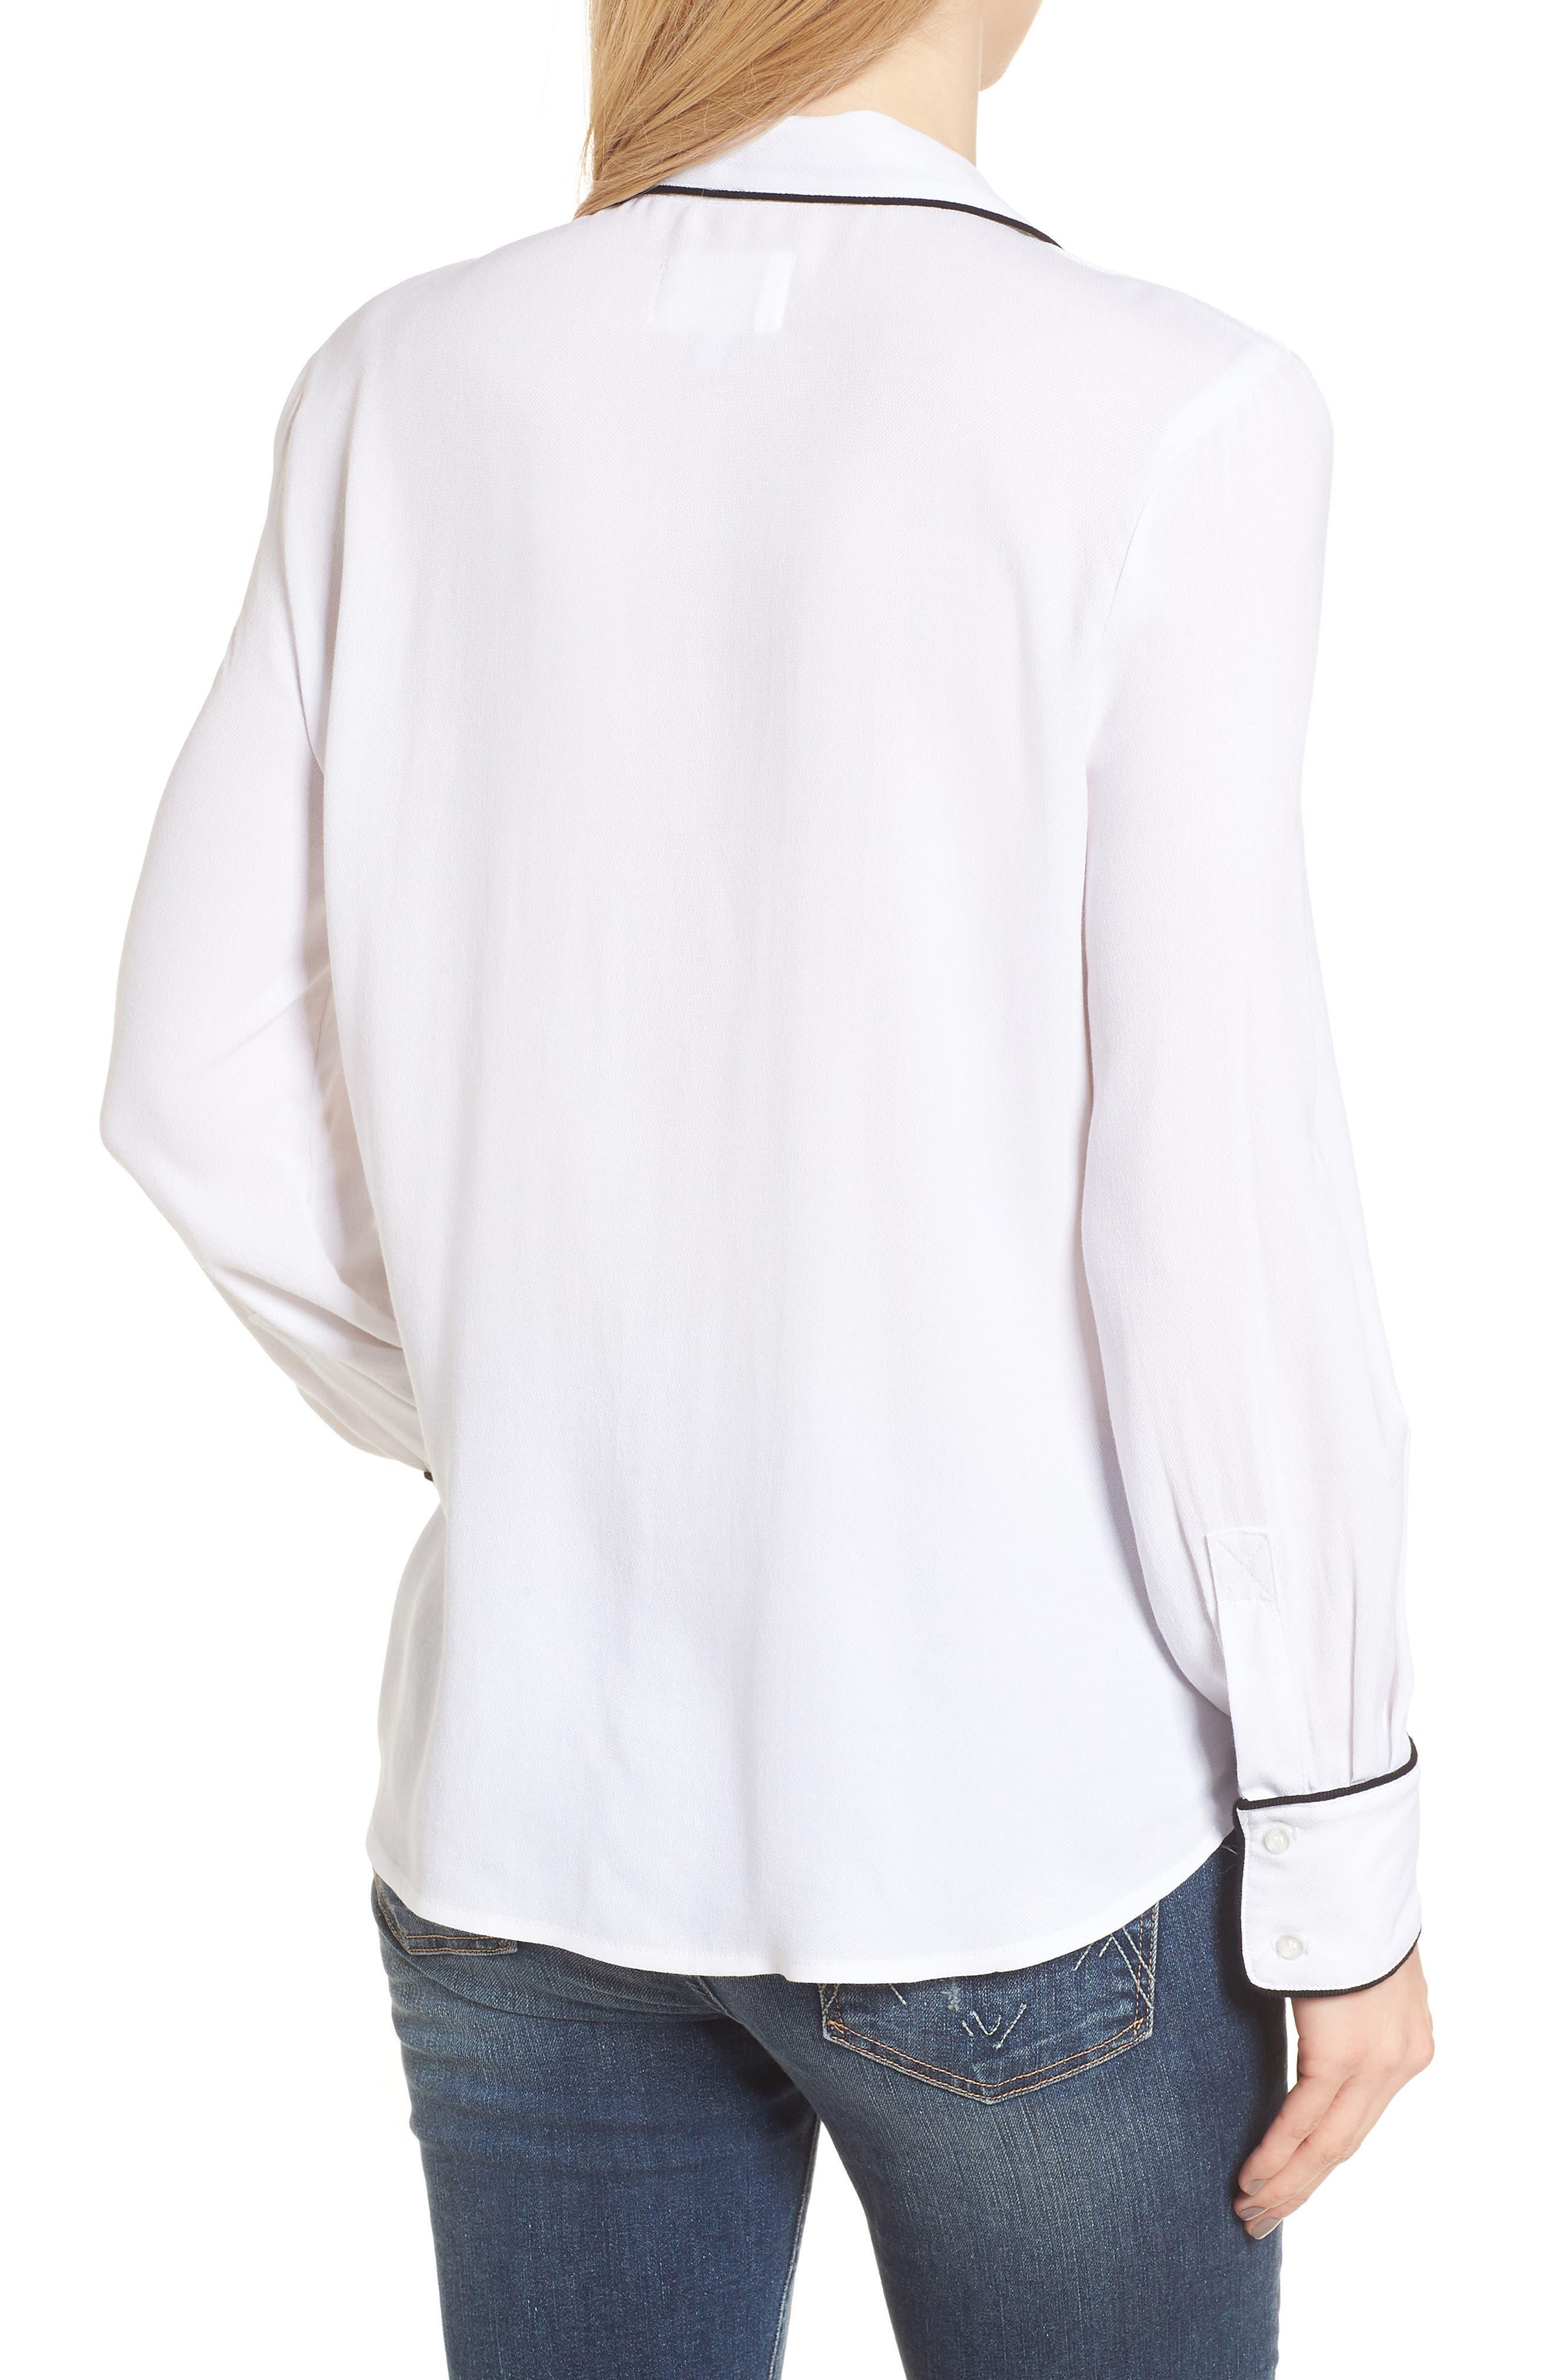 Rossi Pajama Top,                             Alternate thumbnail 2, color,                             100